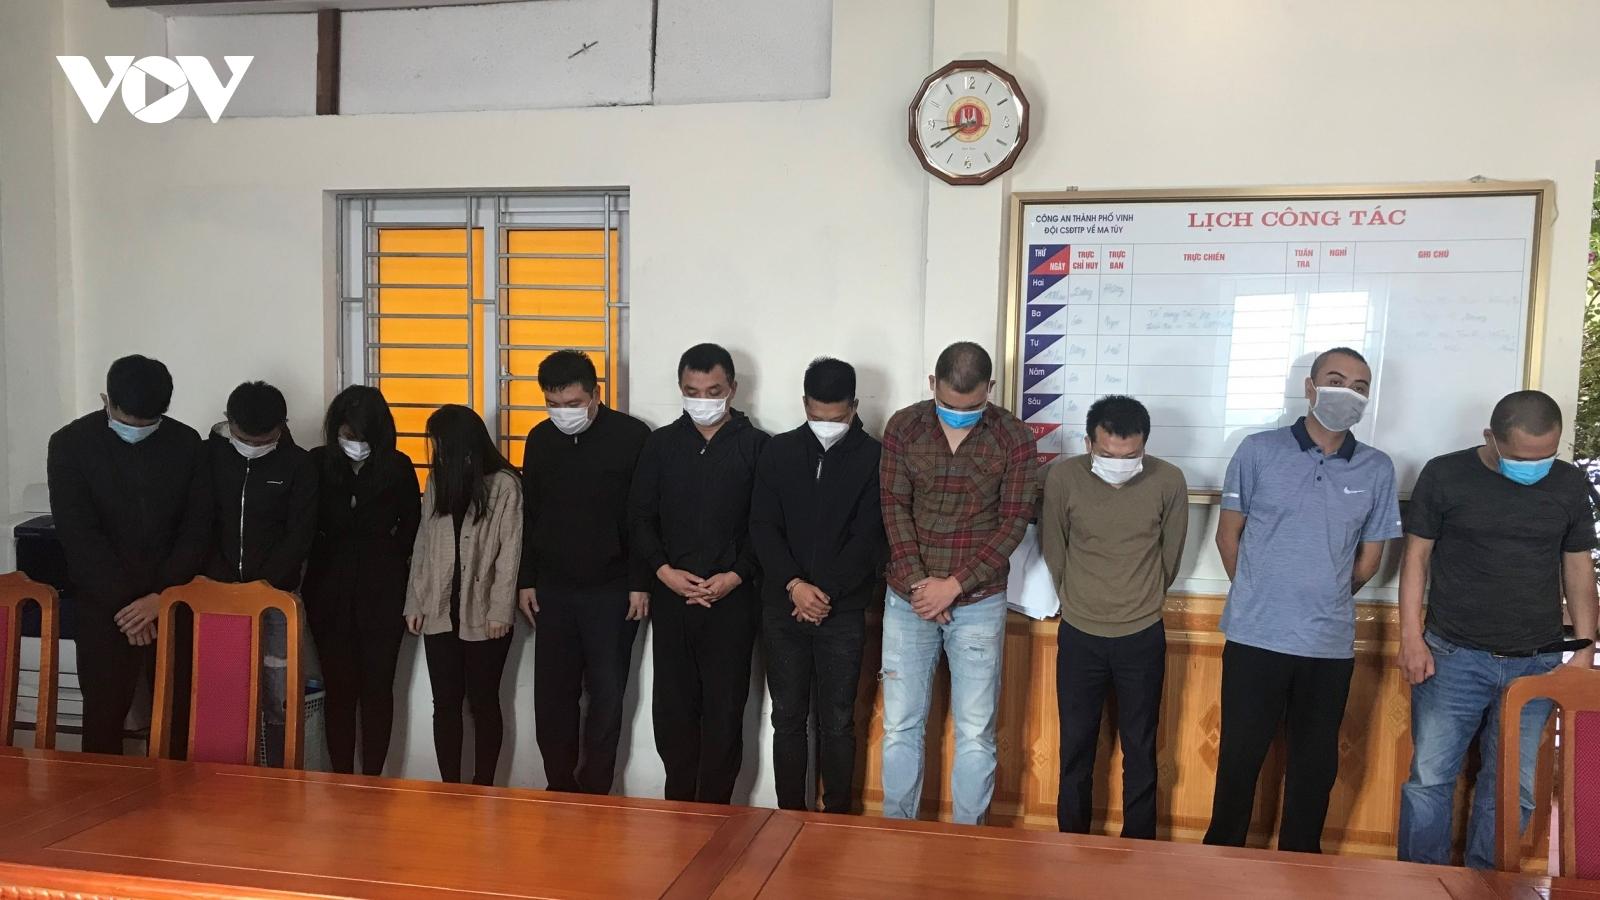 """11 nam, nữ mở """"tiệc ma túy""""trong chung cư ở TP Vinh"""